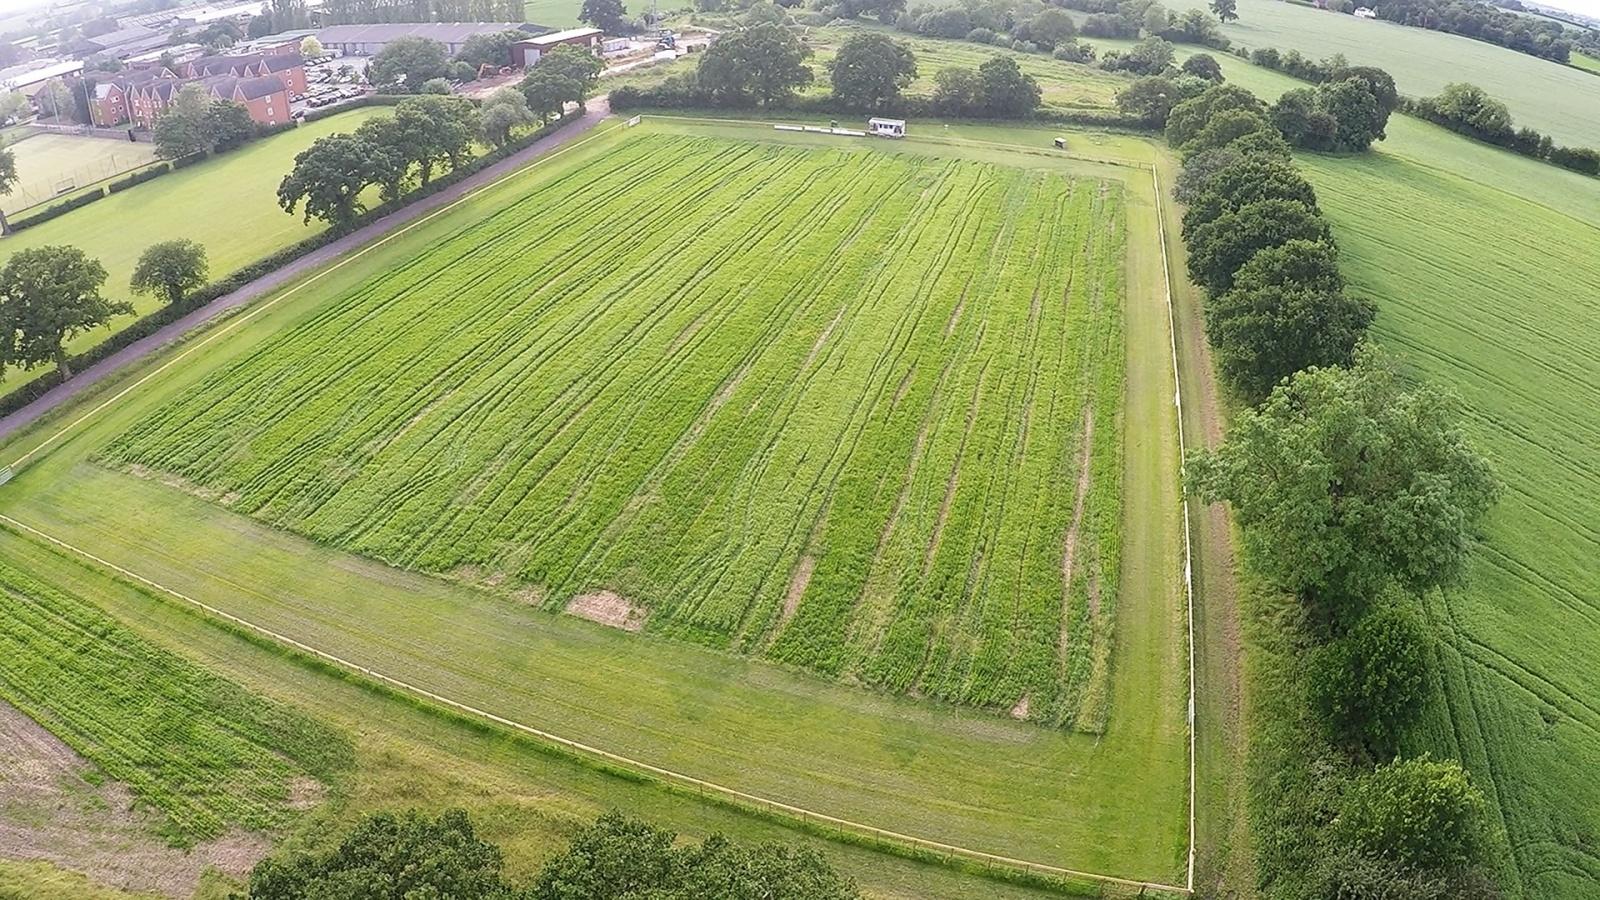 Агрономы-робототехники из Великобритании вырастили и собрали весь урожай при помощи автоматики - 2